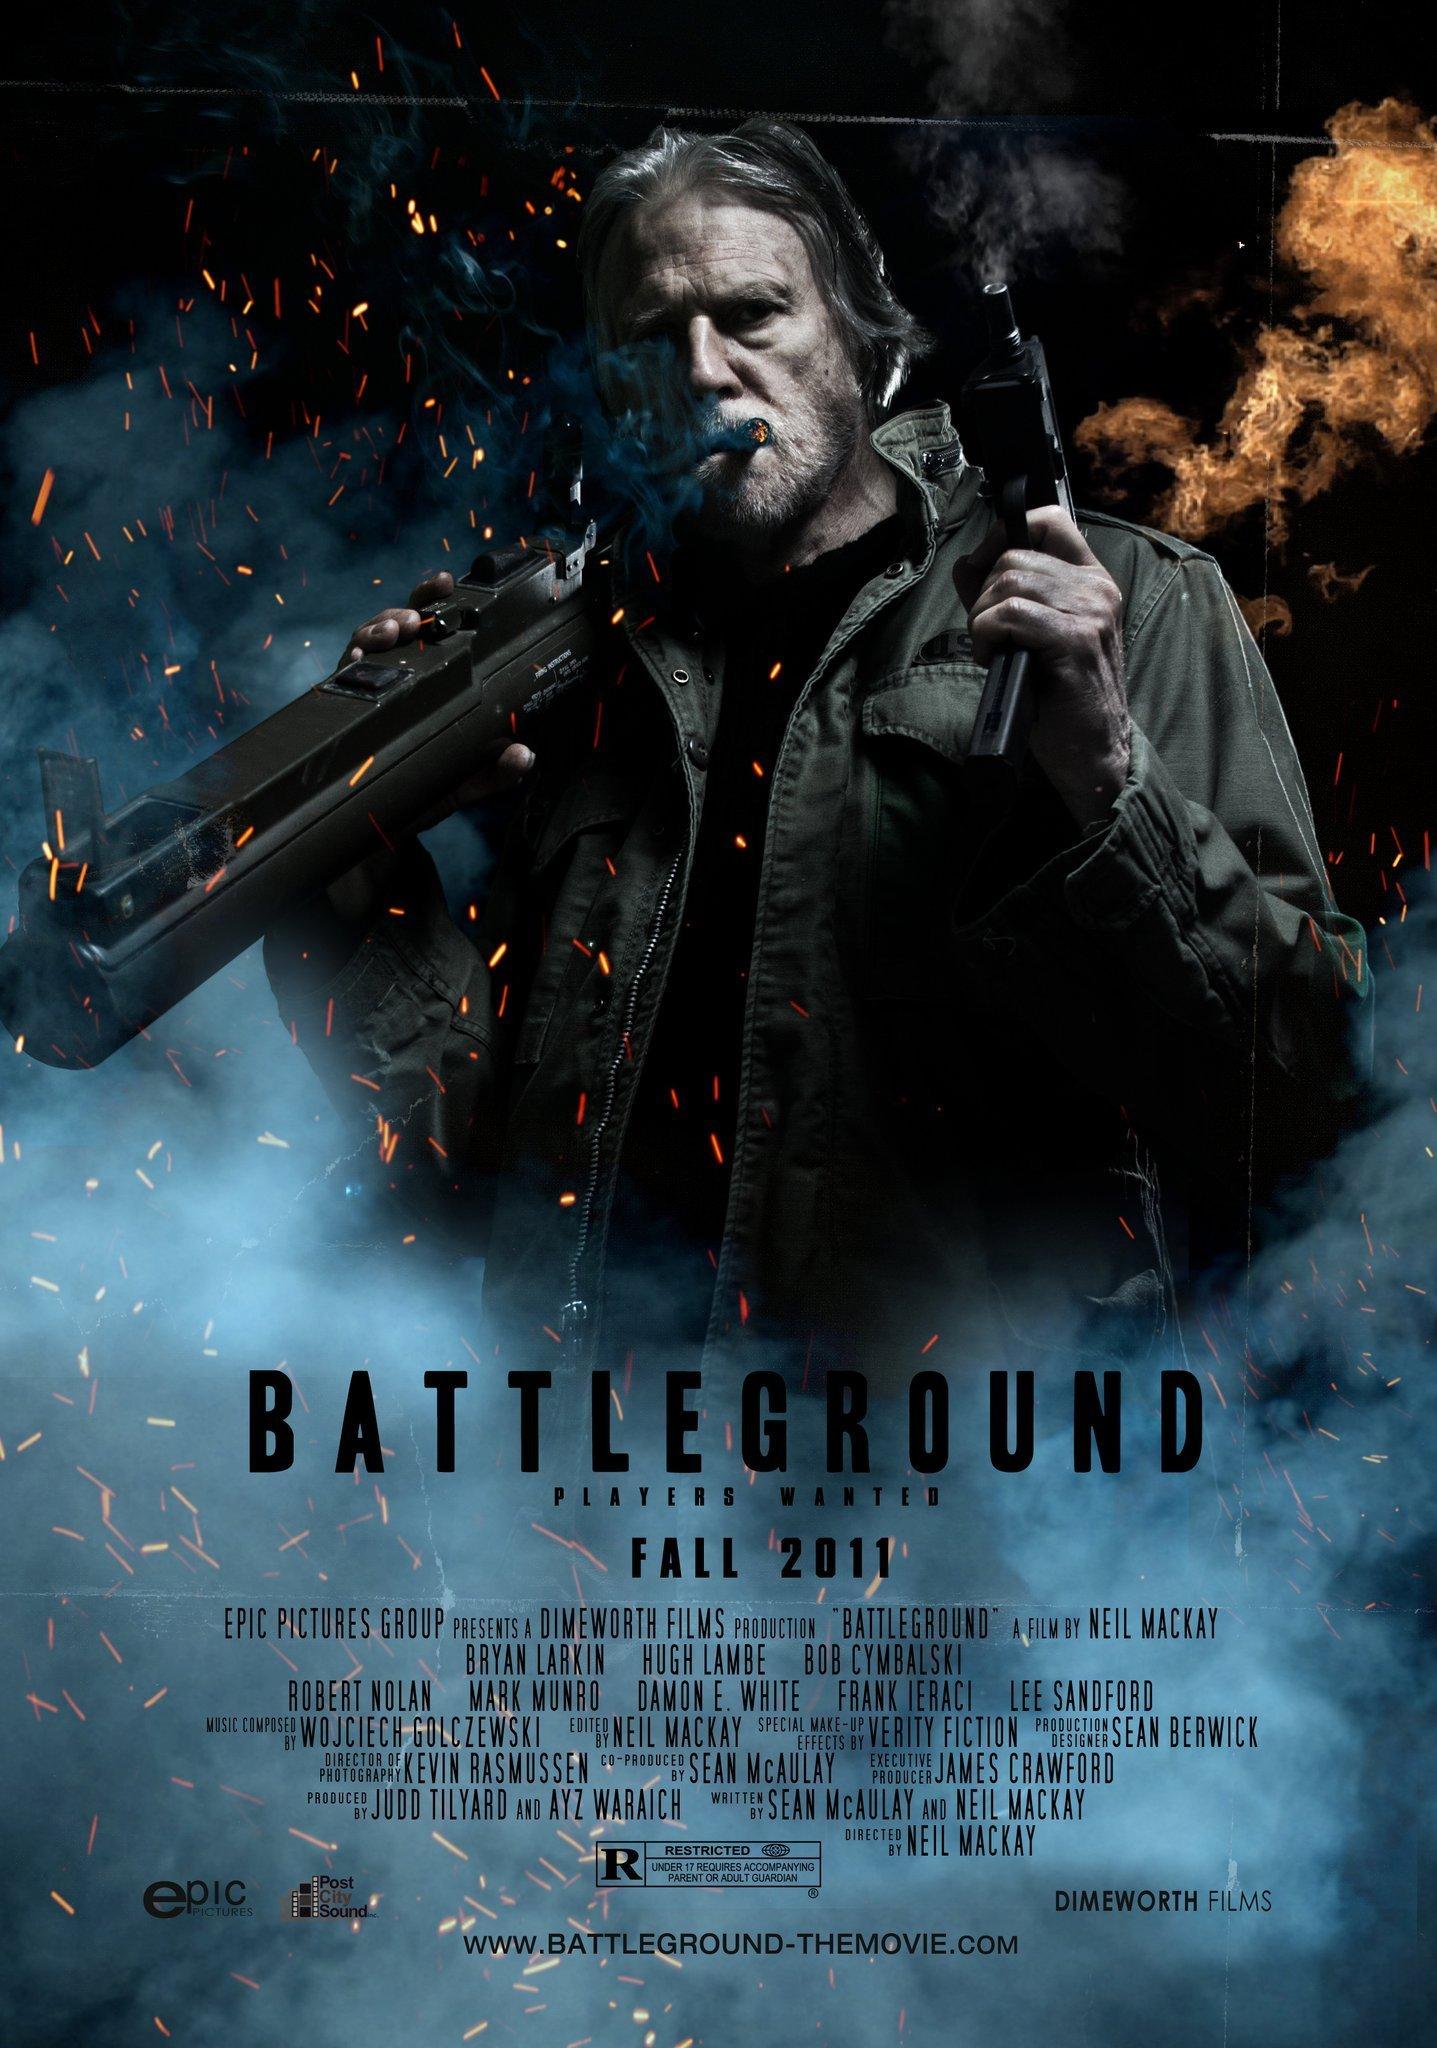 دانلود فیلمBattleground 2012 با دوبله فارسی